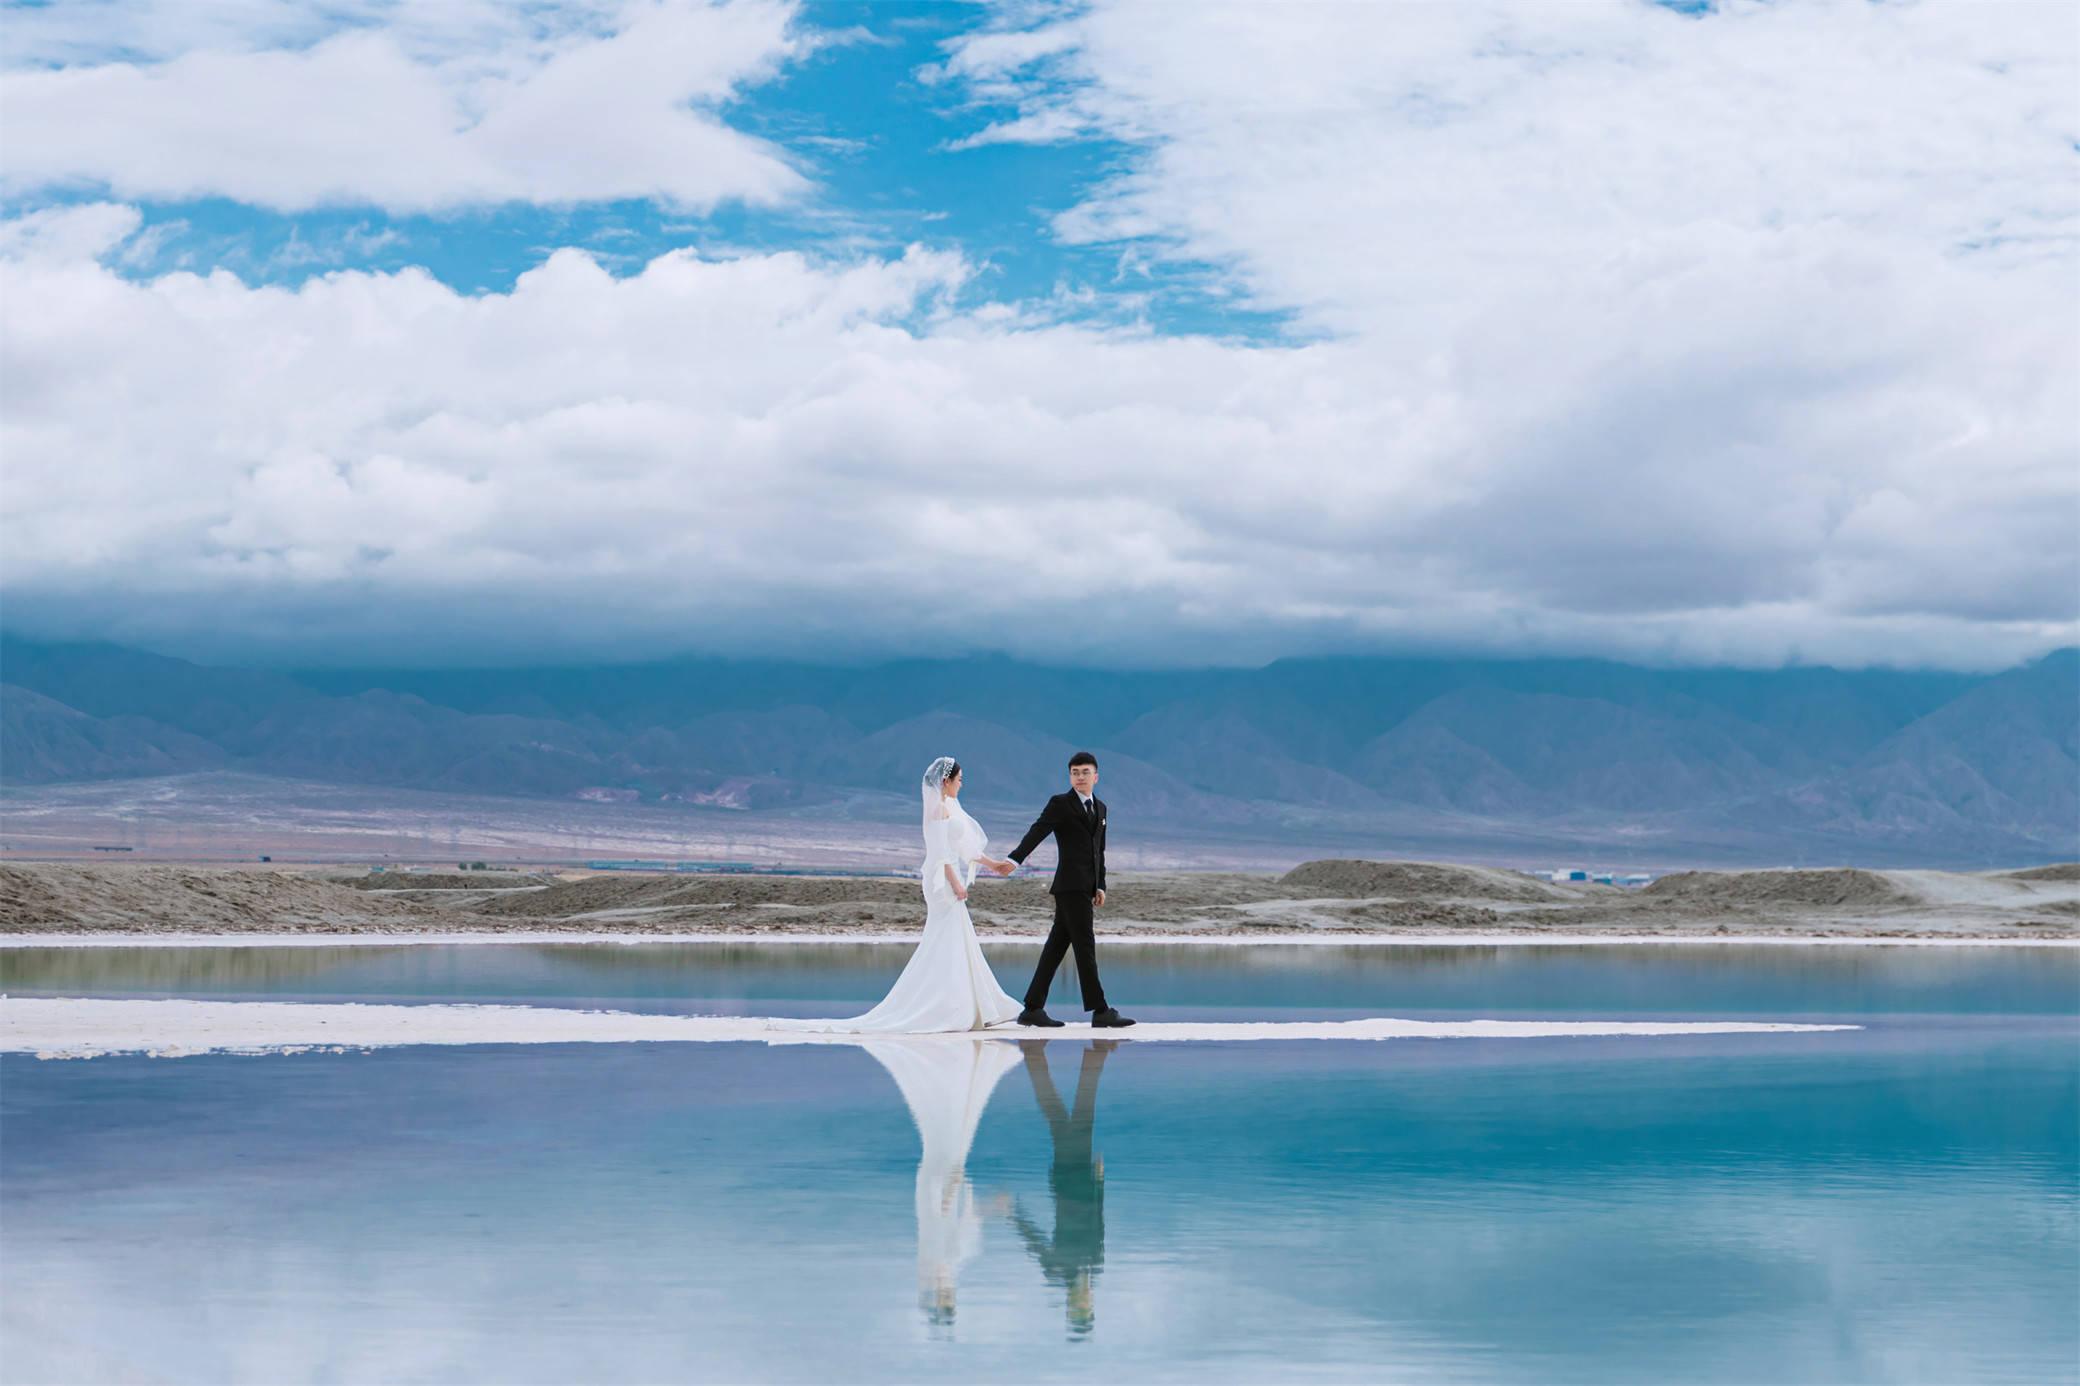 快进来抄作业!青海旅拍怎么样?青海旅拍婚纱摄影哪家口碑好呢?